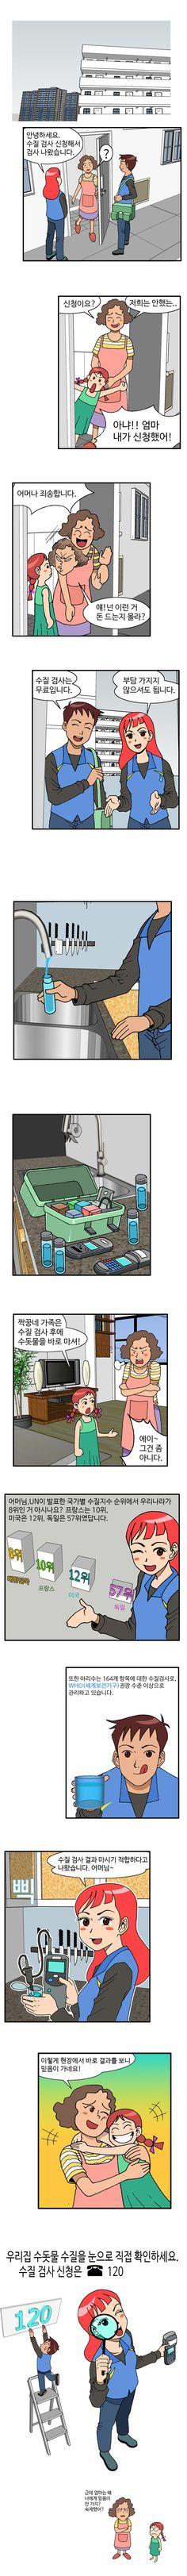 아리수웹툰 - 무료수질검사편